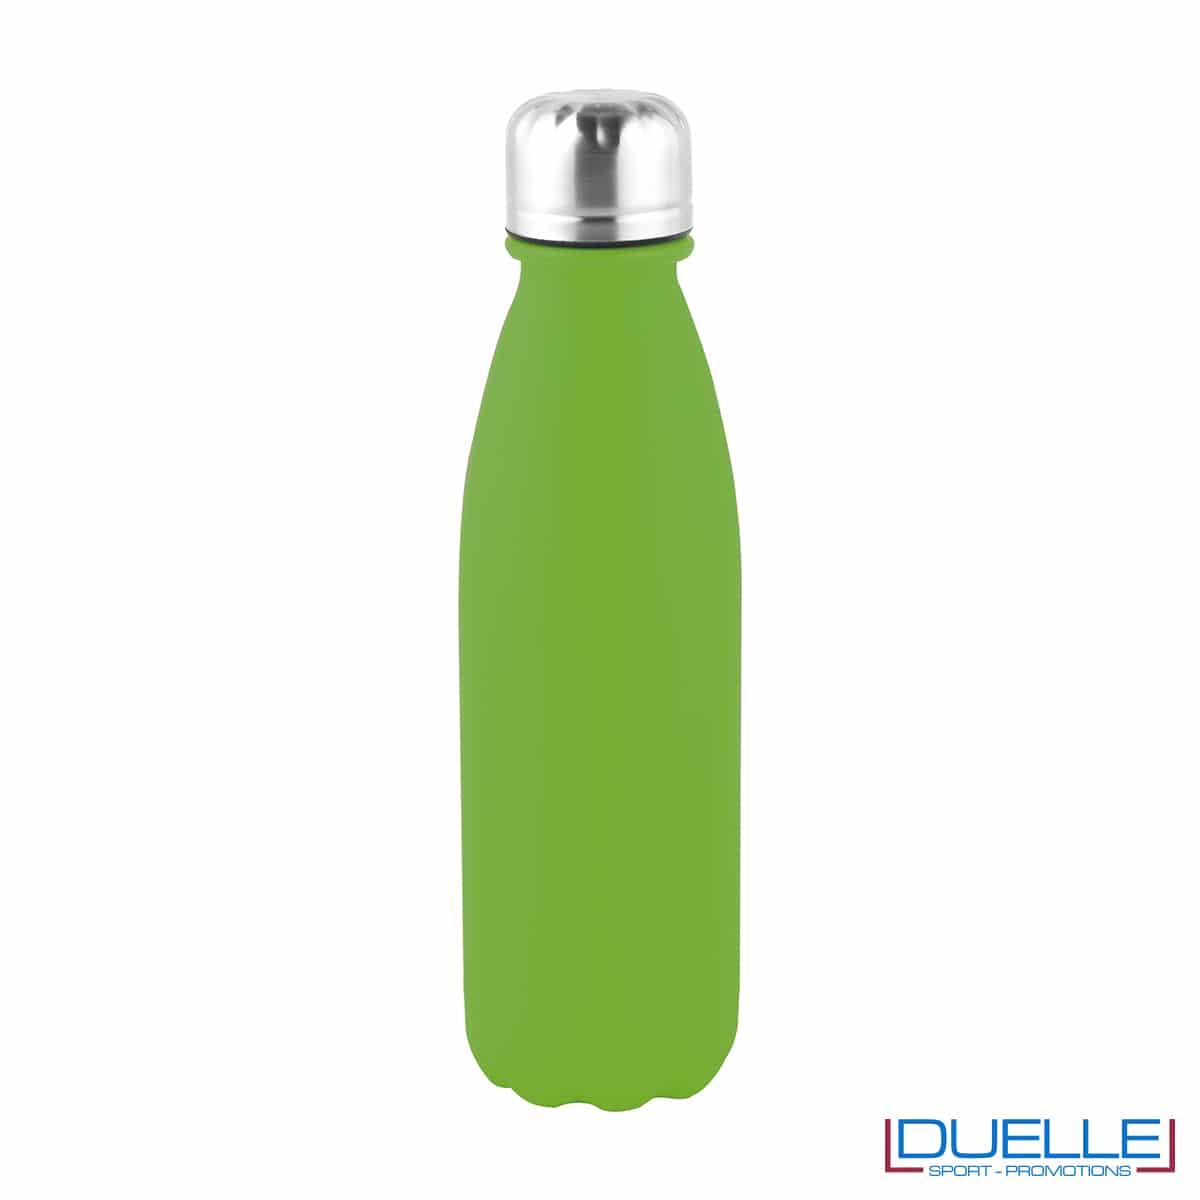 Bottiglia in alluminio 500ml promozionale finitura opaca colore verde acido